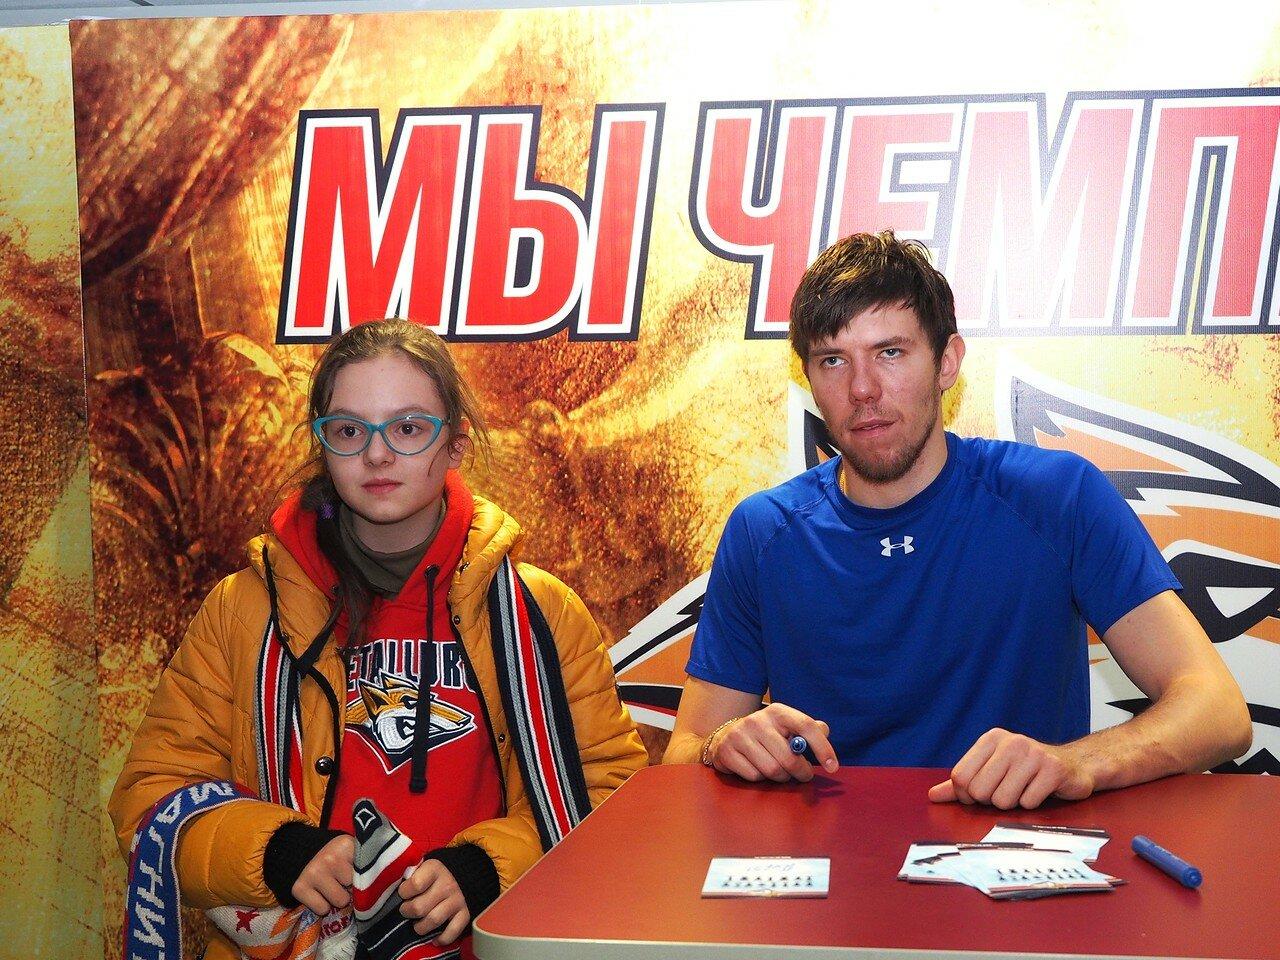 111Металлург - Металлург Новокузнецк 26.10.2016